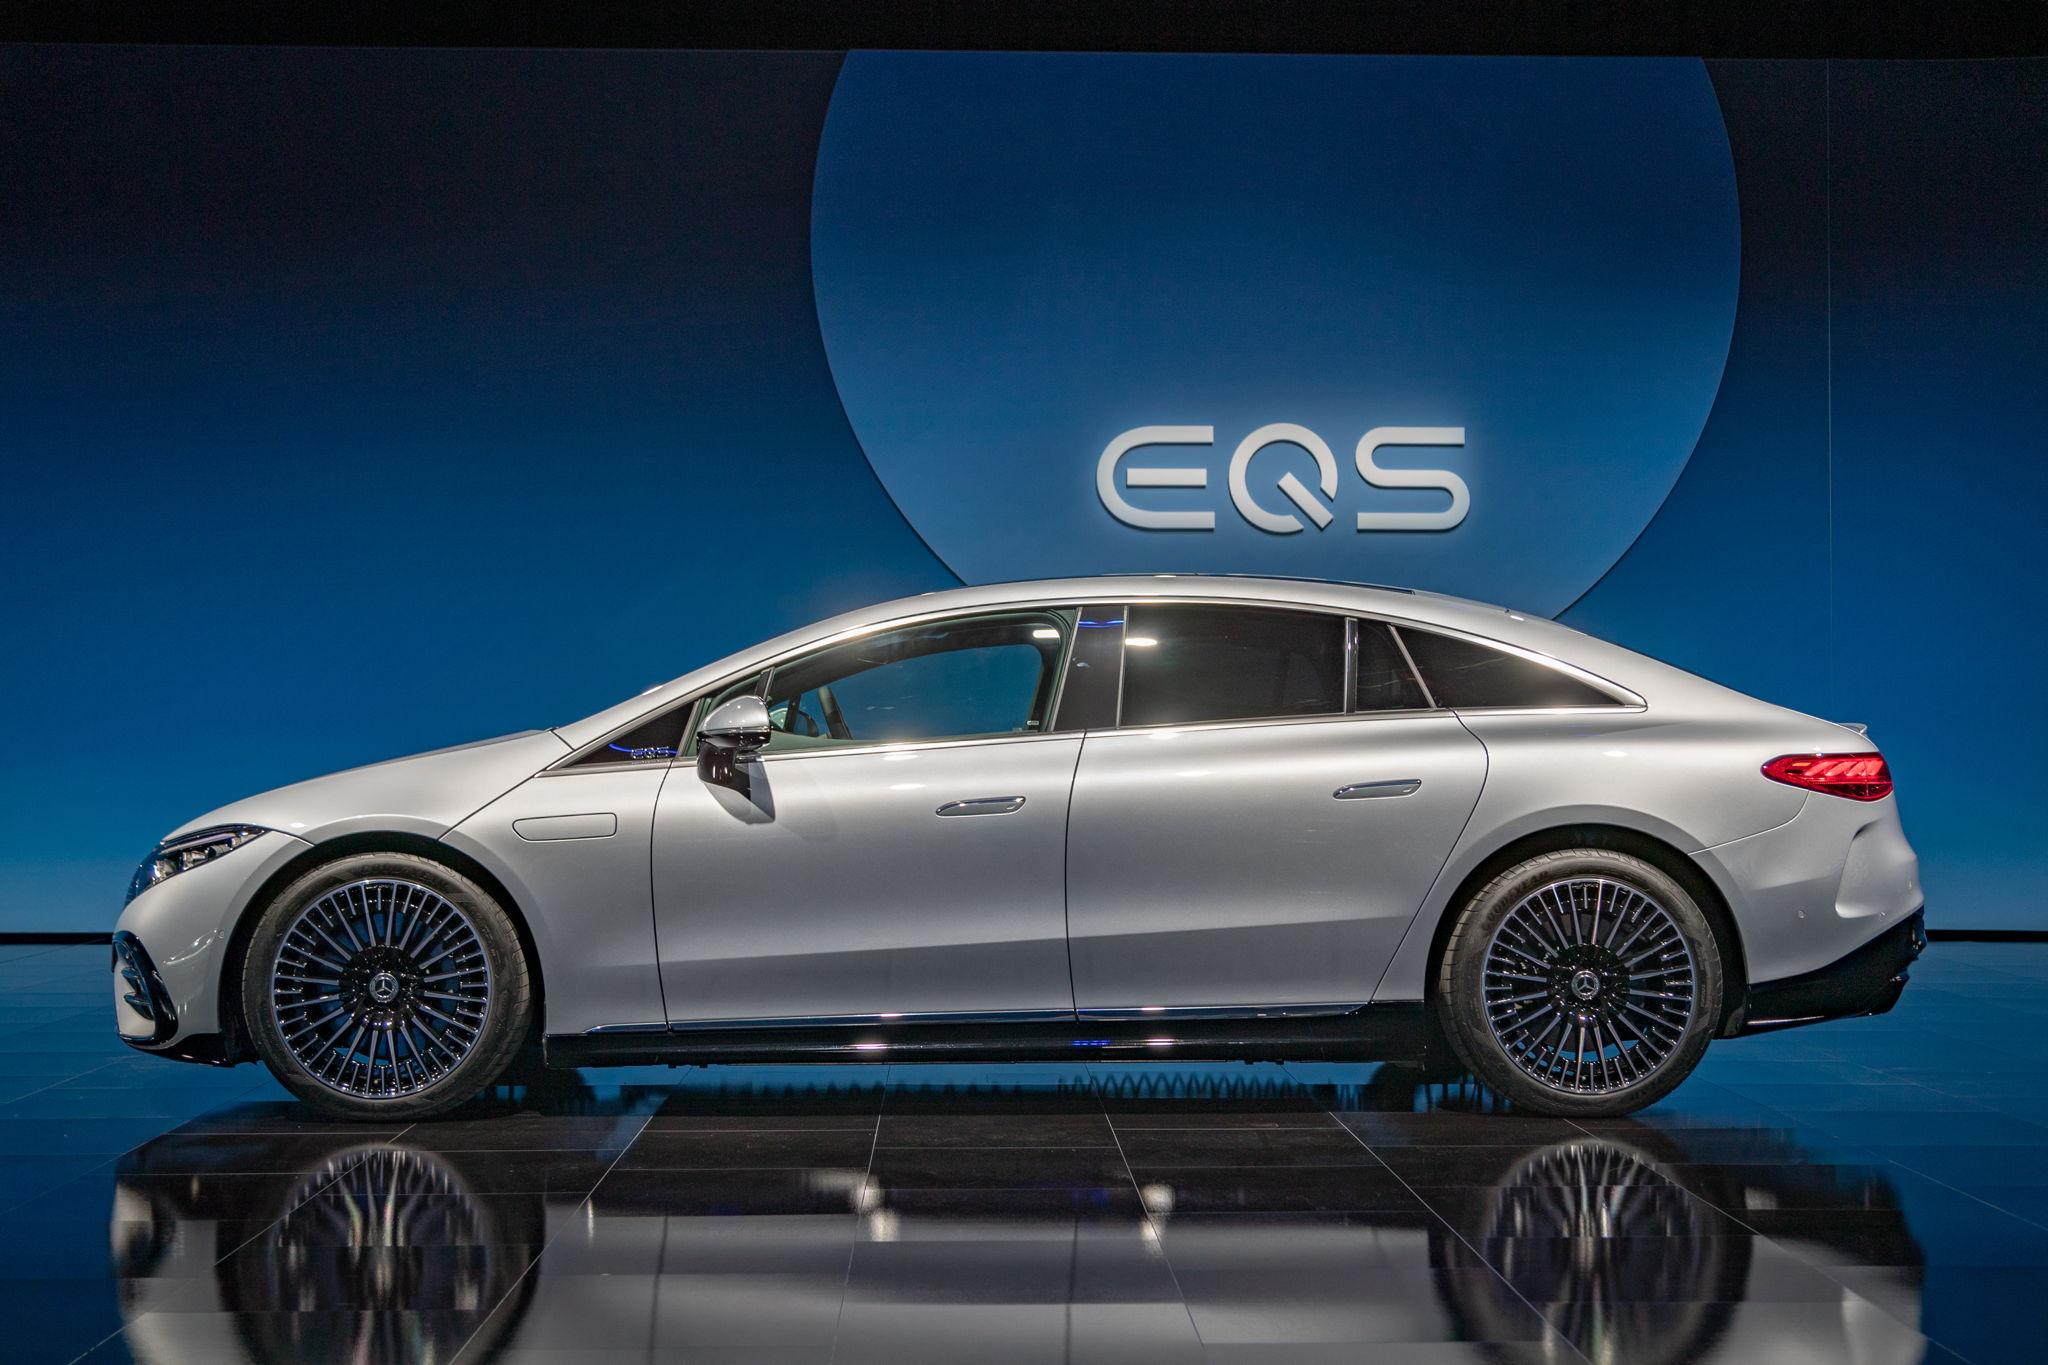 Das-ist-der-EQS-alle-Infos-und-Bilder-des-Serienmodells